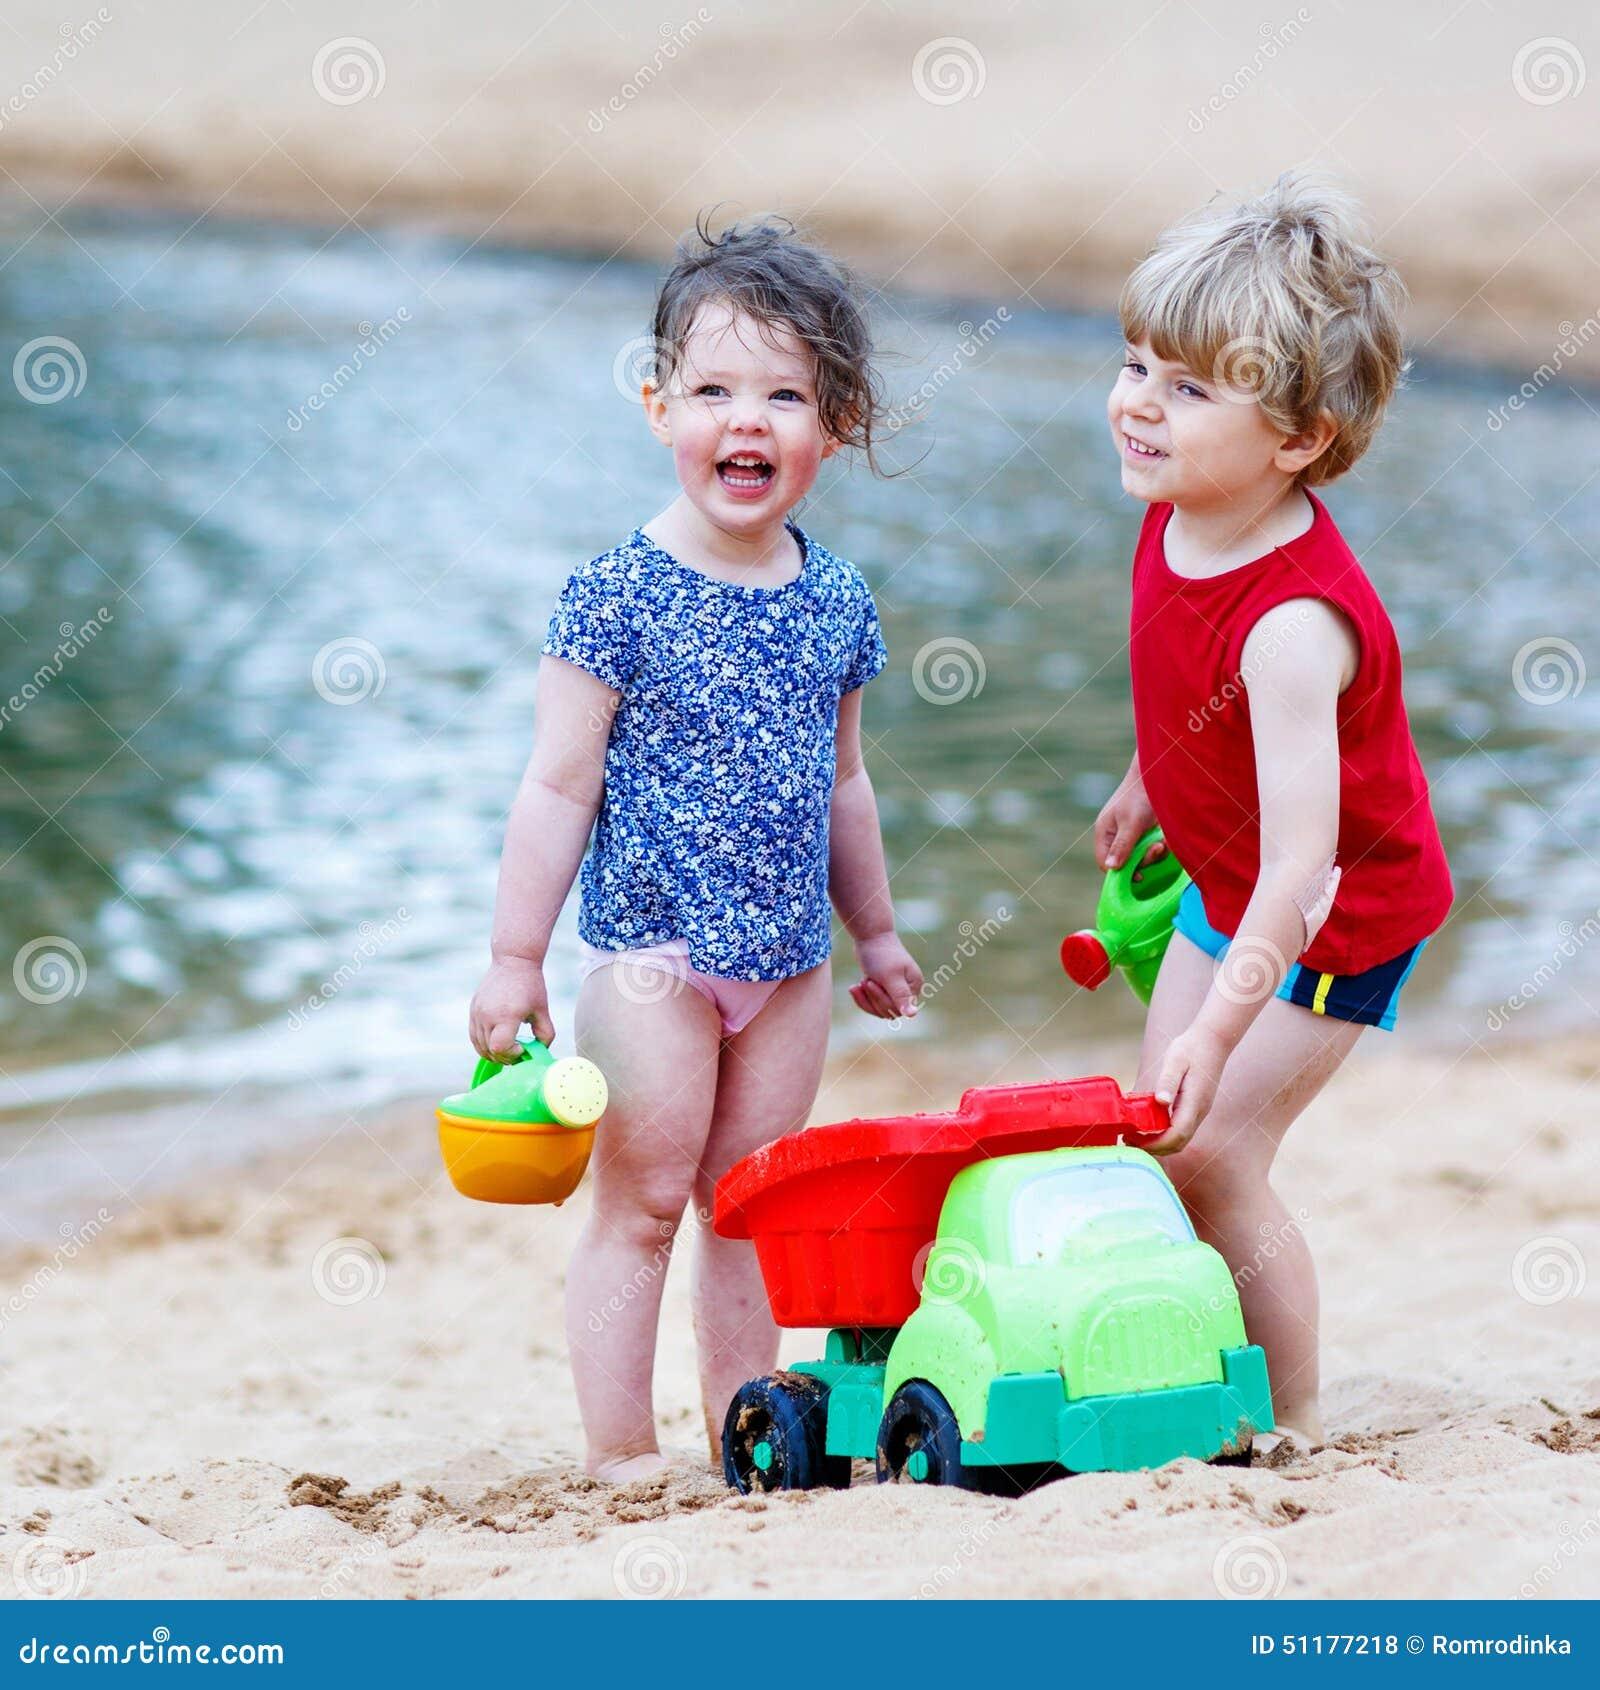 Фото девушки с ребенком мальчиком